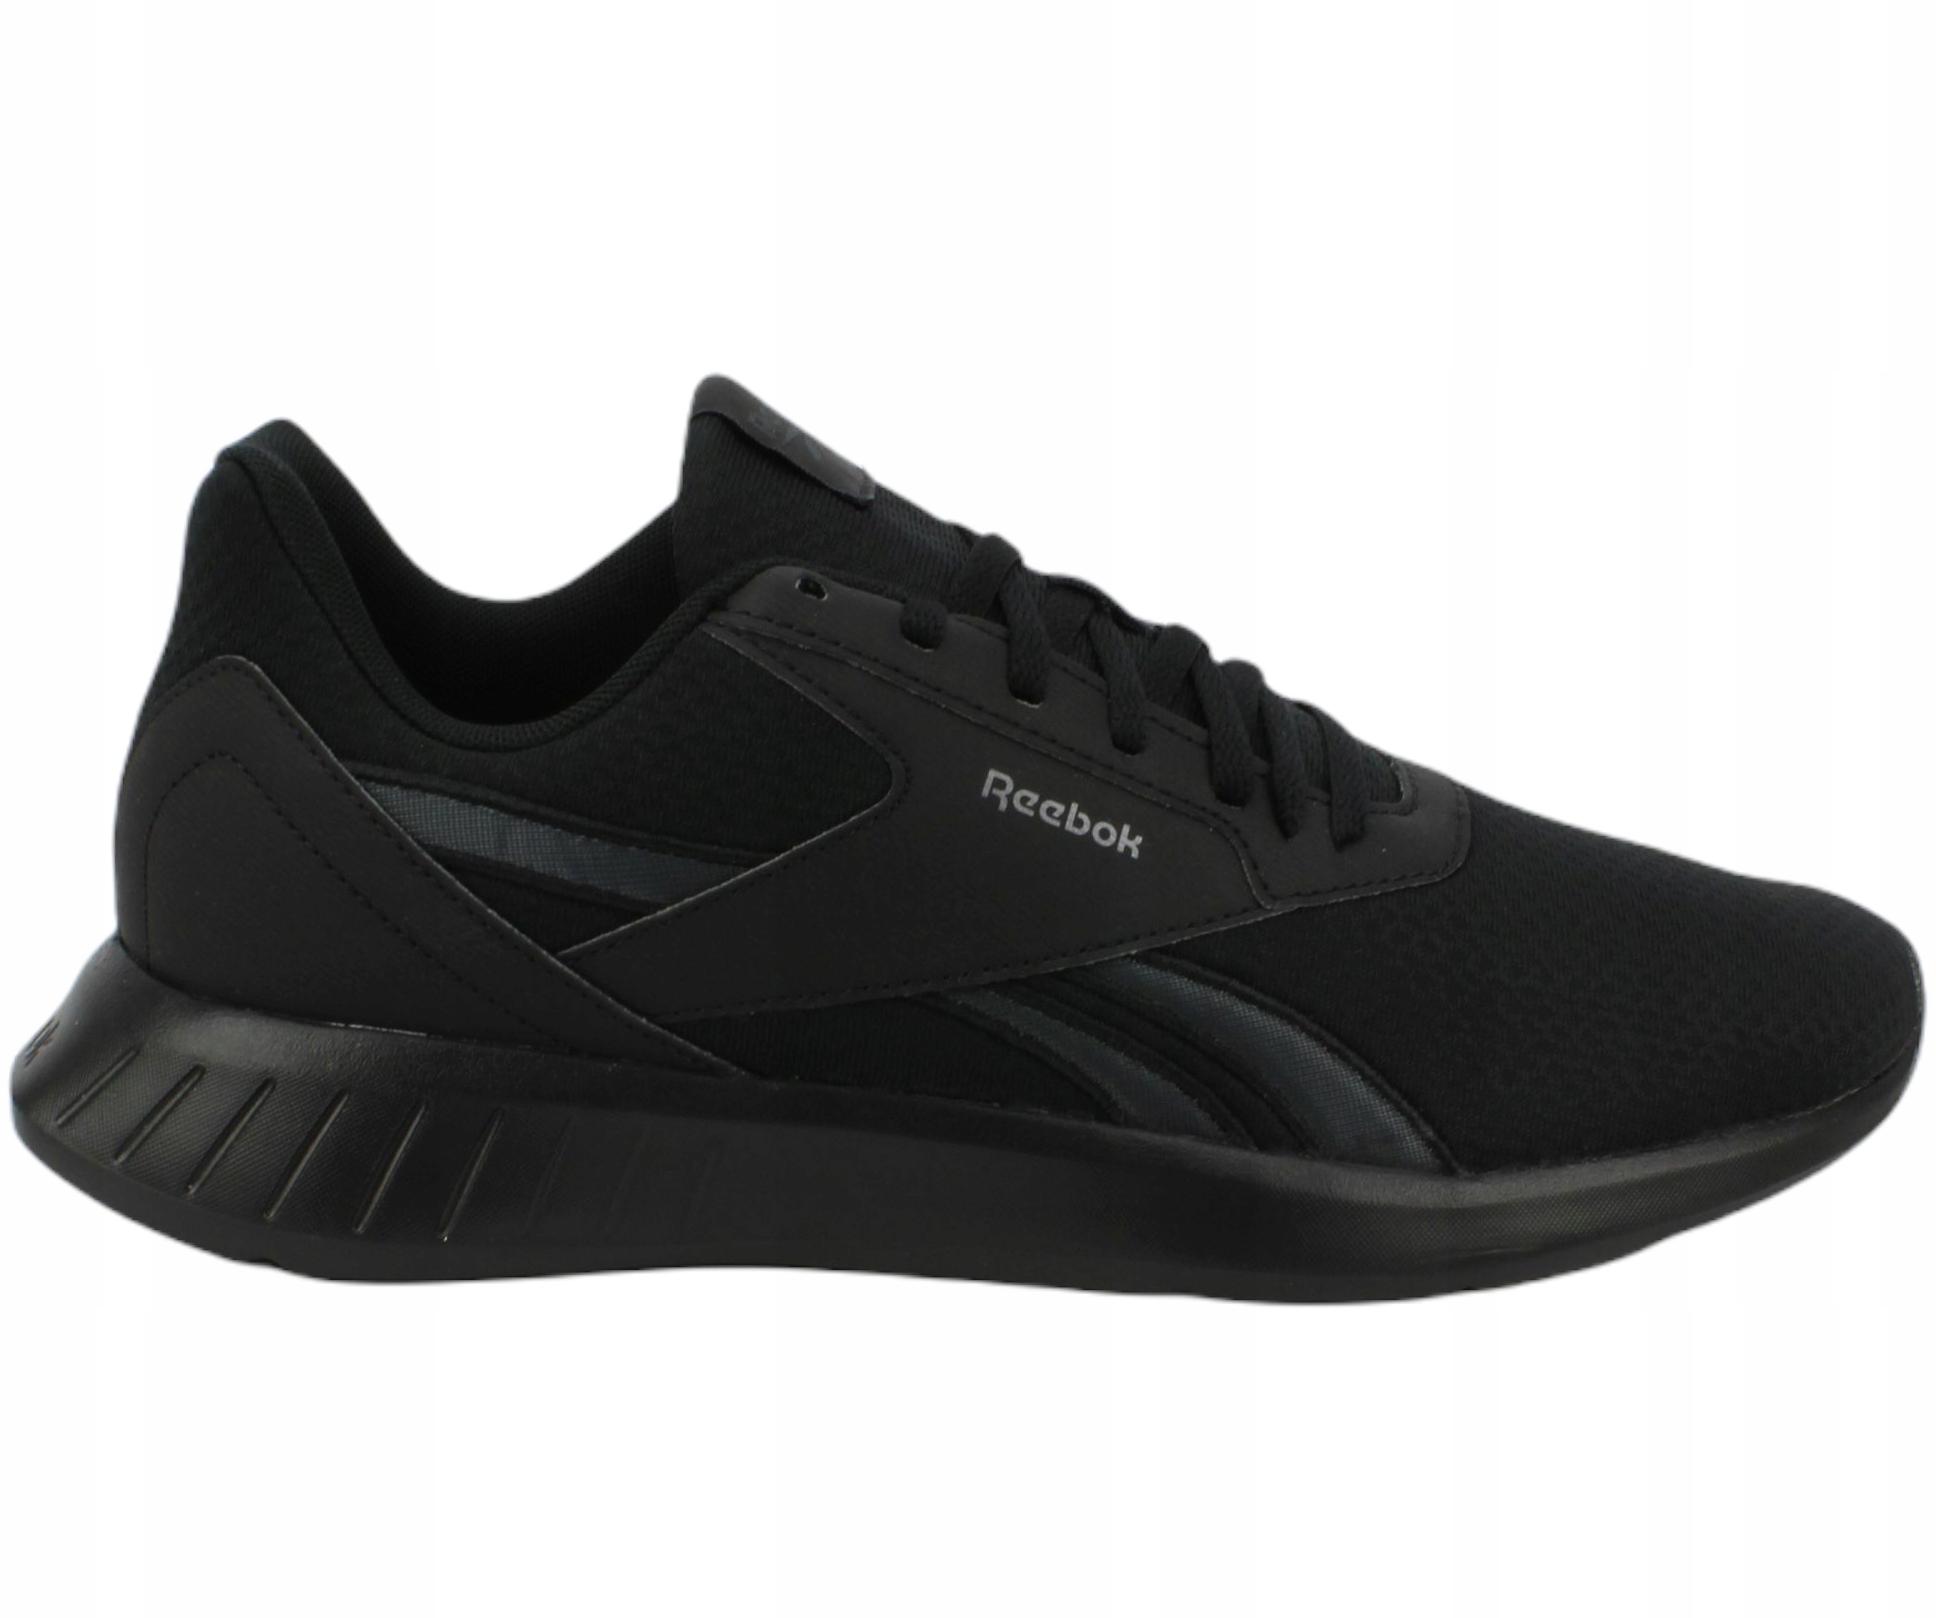 Reebok Lite 2.0 r. 43 męskie buty czarne FW8025